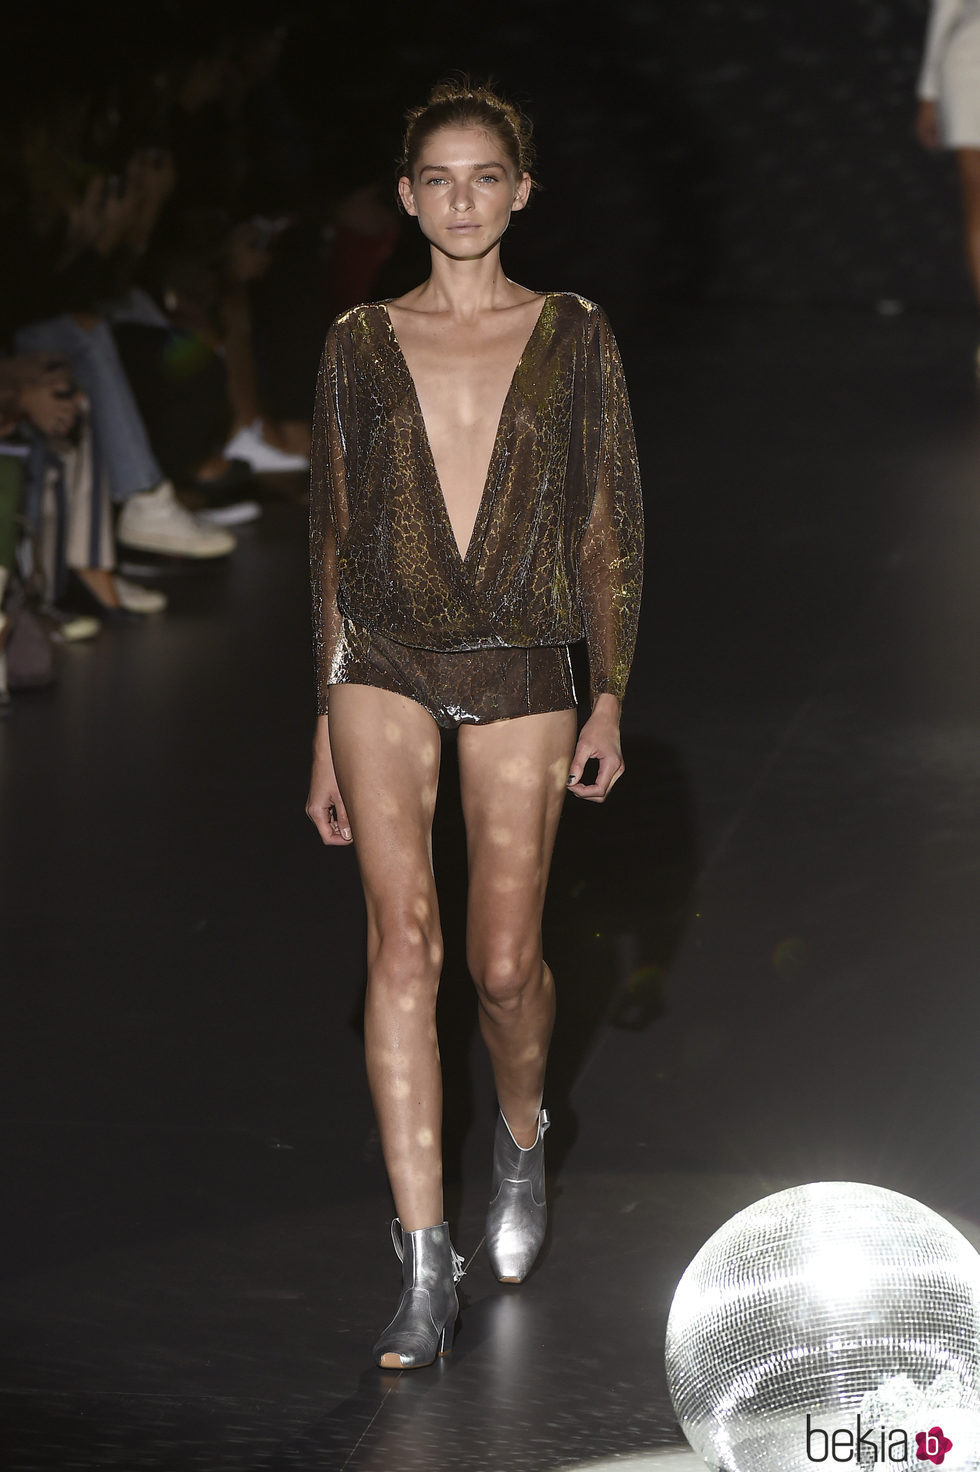 Blusa y shorts marrones con botas plateadas de Teresa Helbig primavera/verano 2017 en Madrid Fashion Week